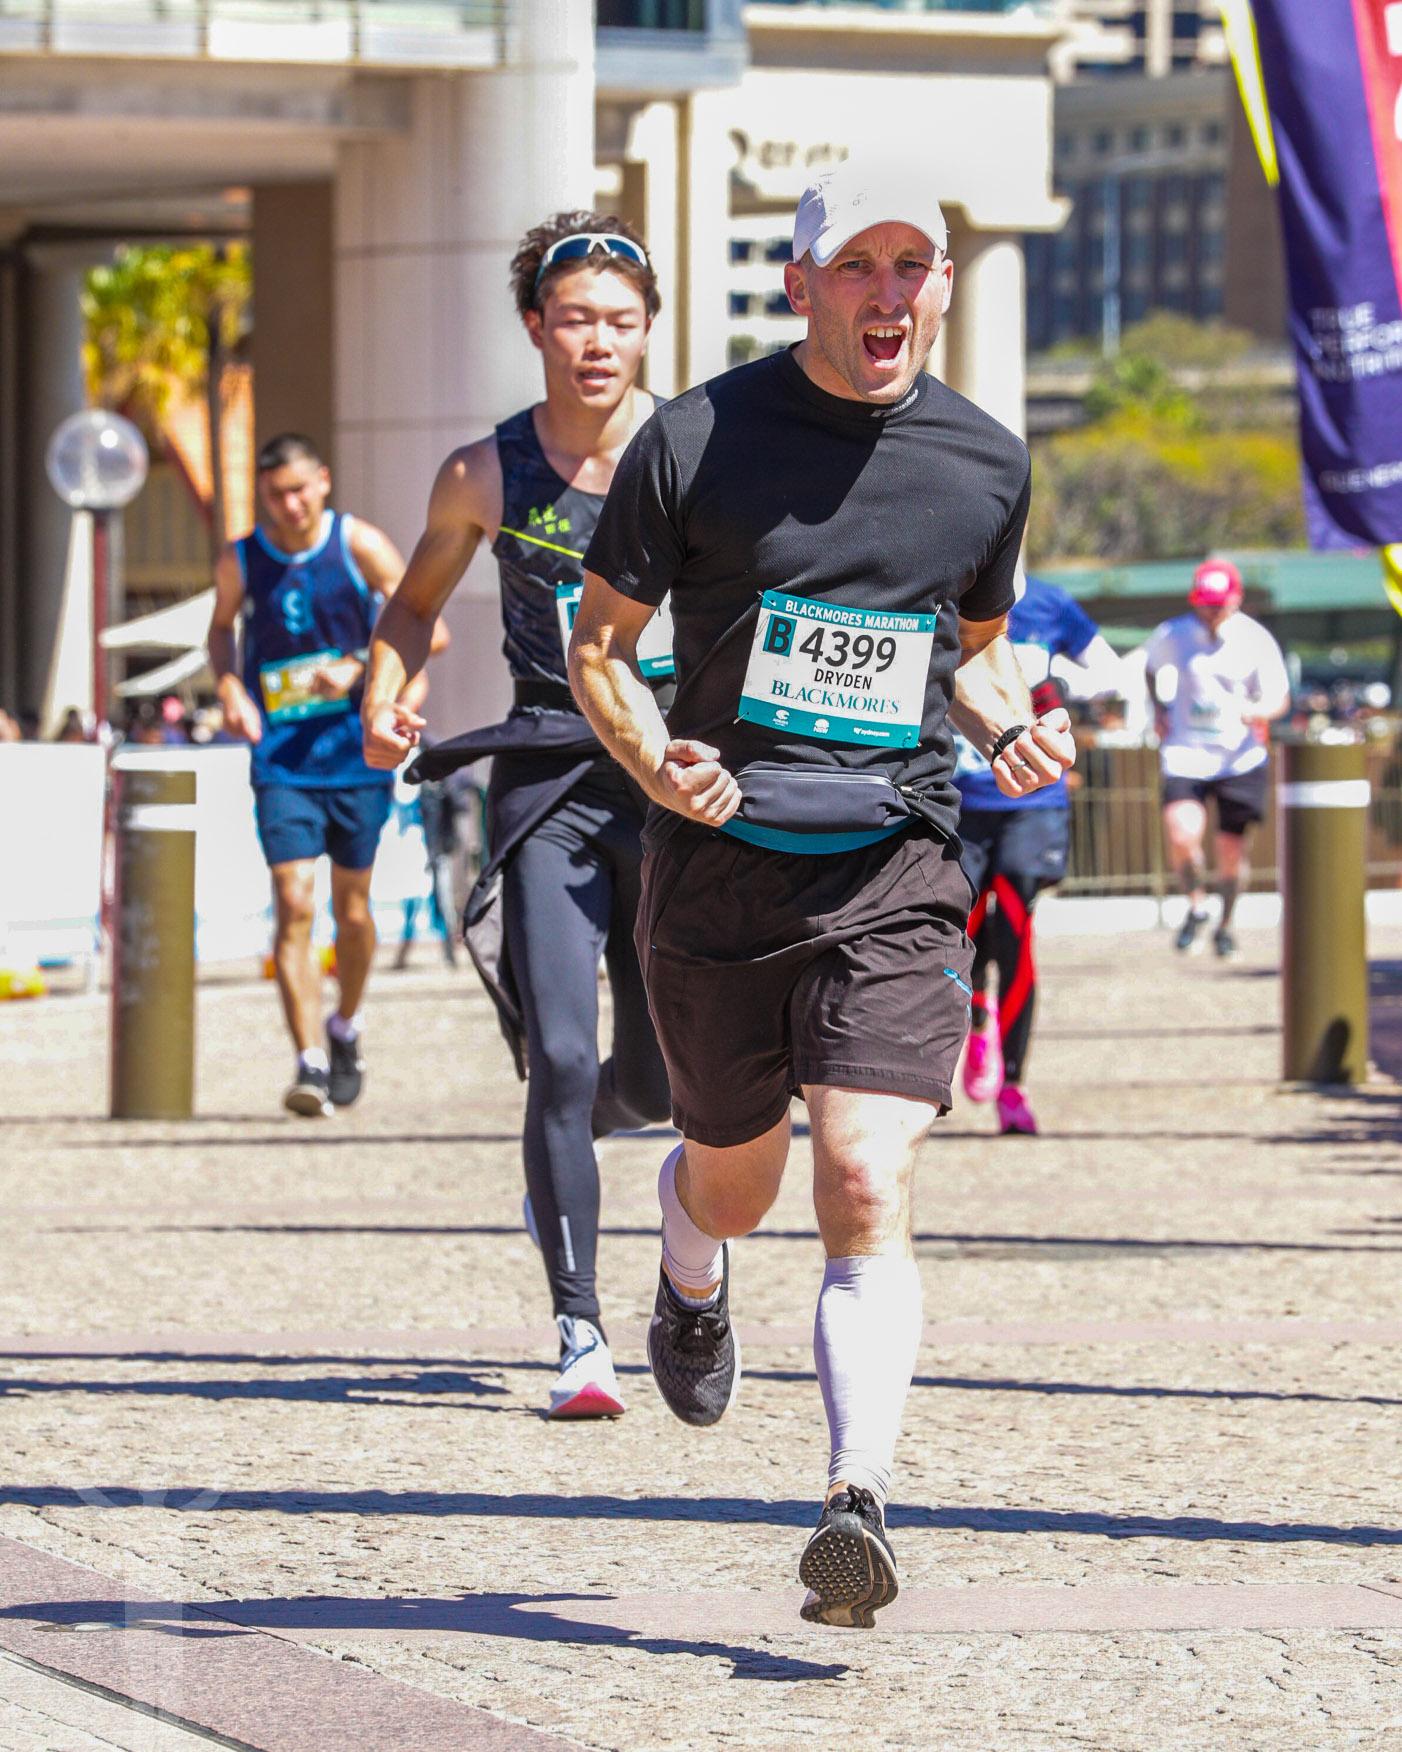 Målgångsvrålet i Sydney Marathon